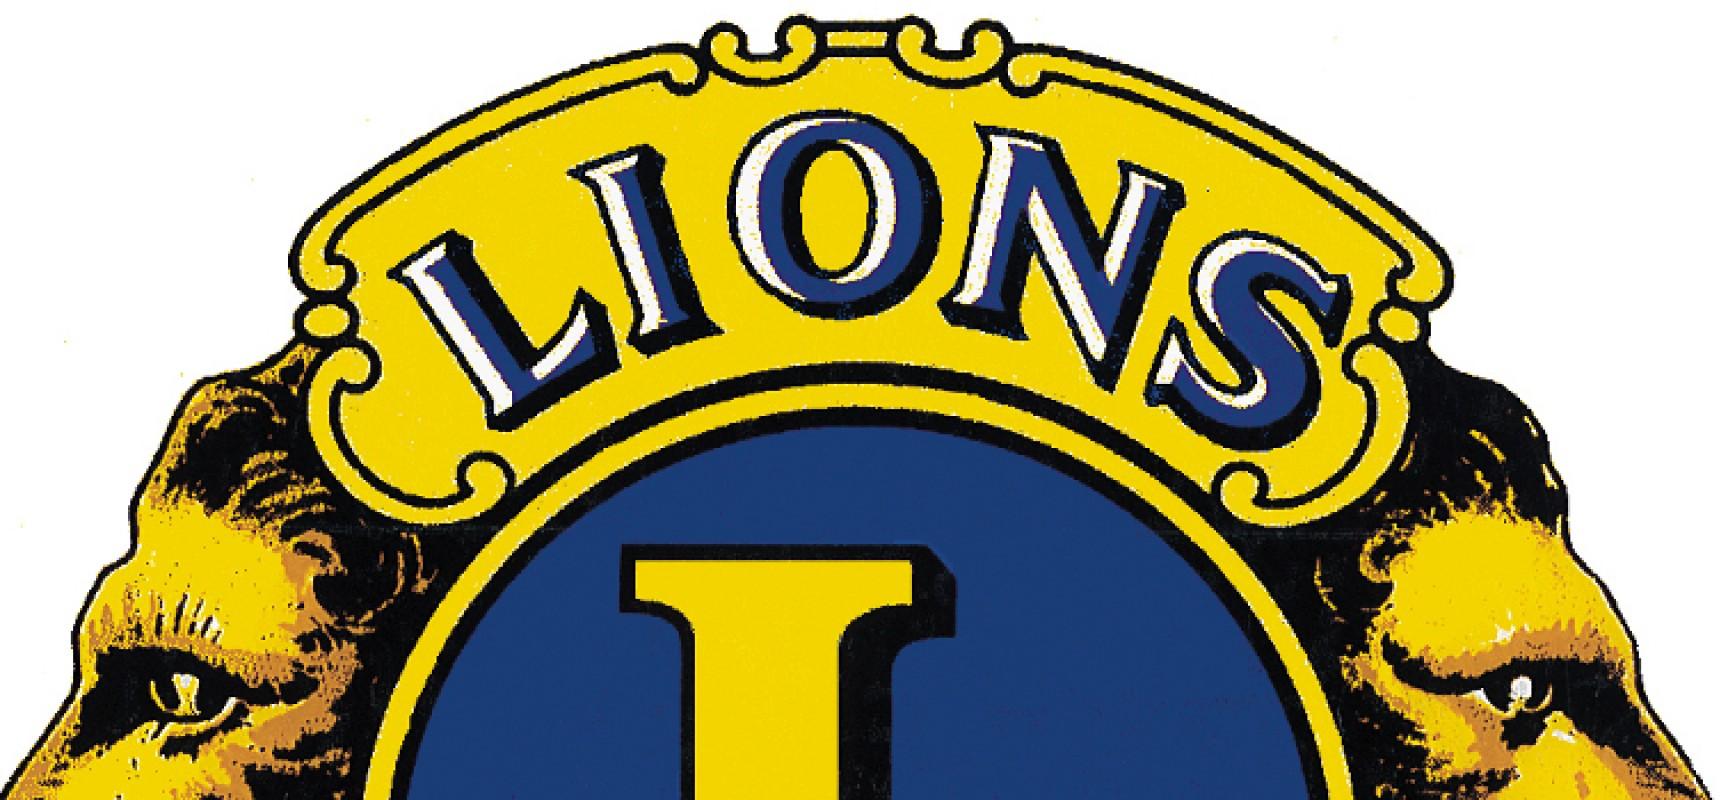 XXII Charter Night, passaggio di consegne per il Lions Club